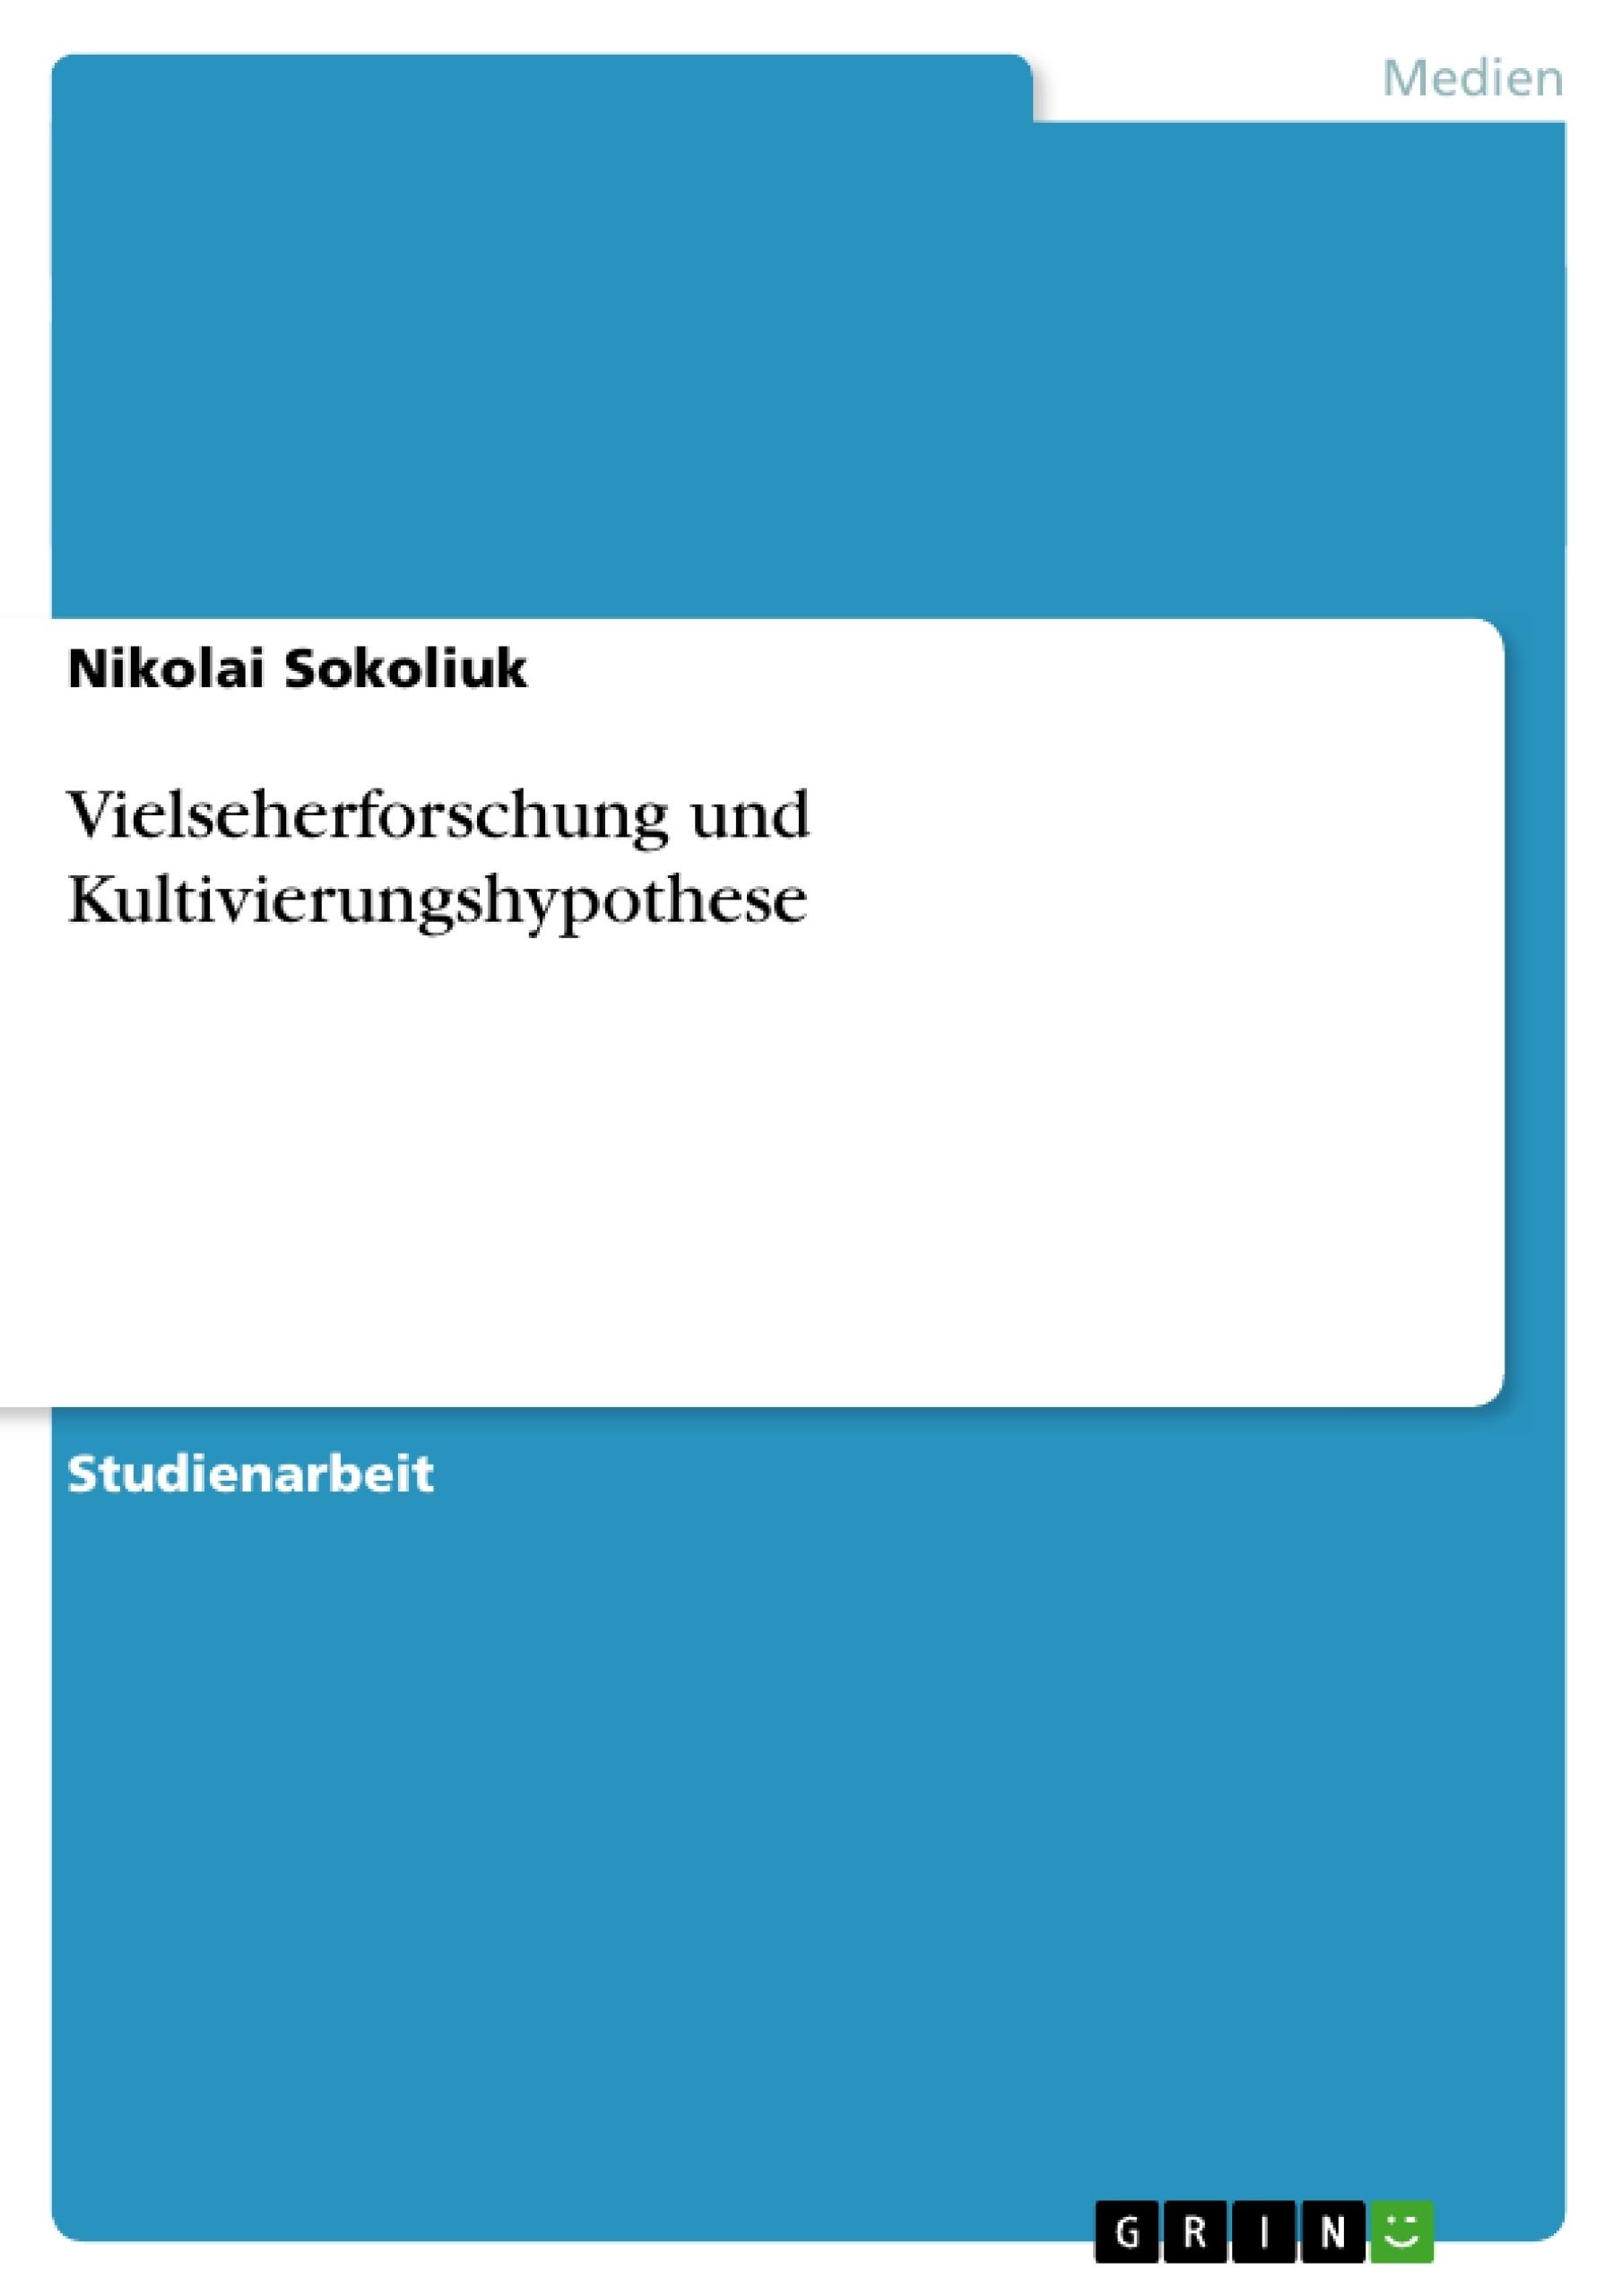 Titel: Vielseherforschung und Kultivierungshypothese